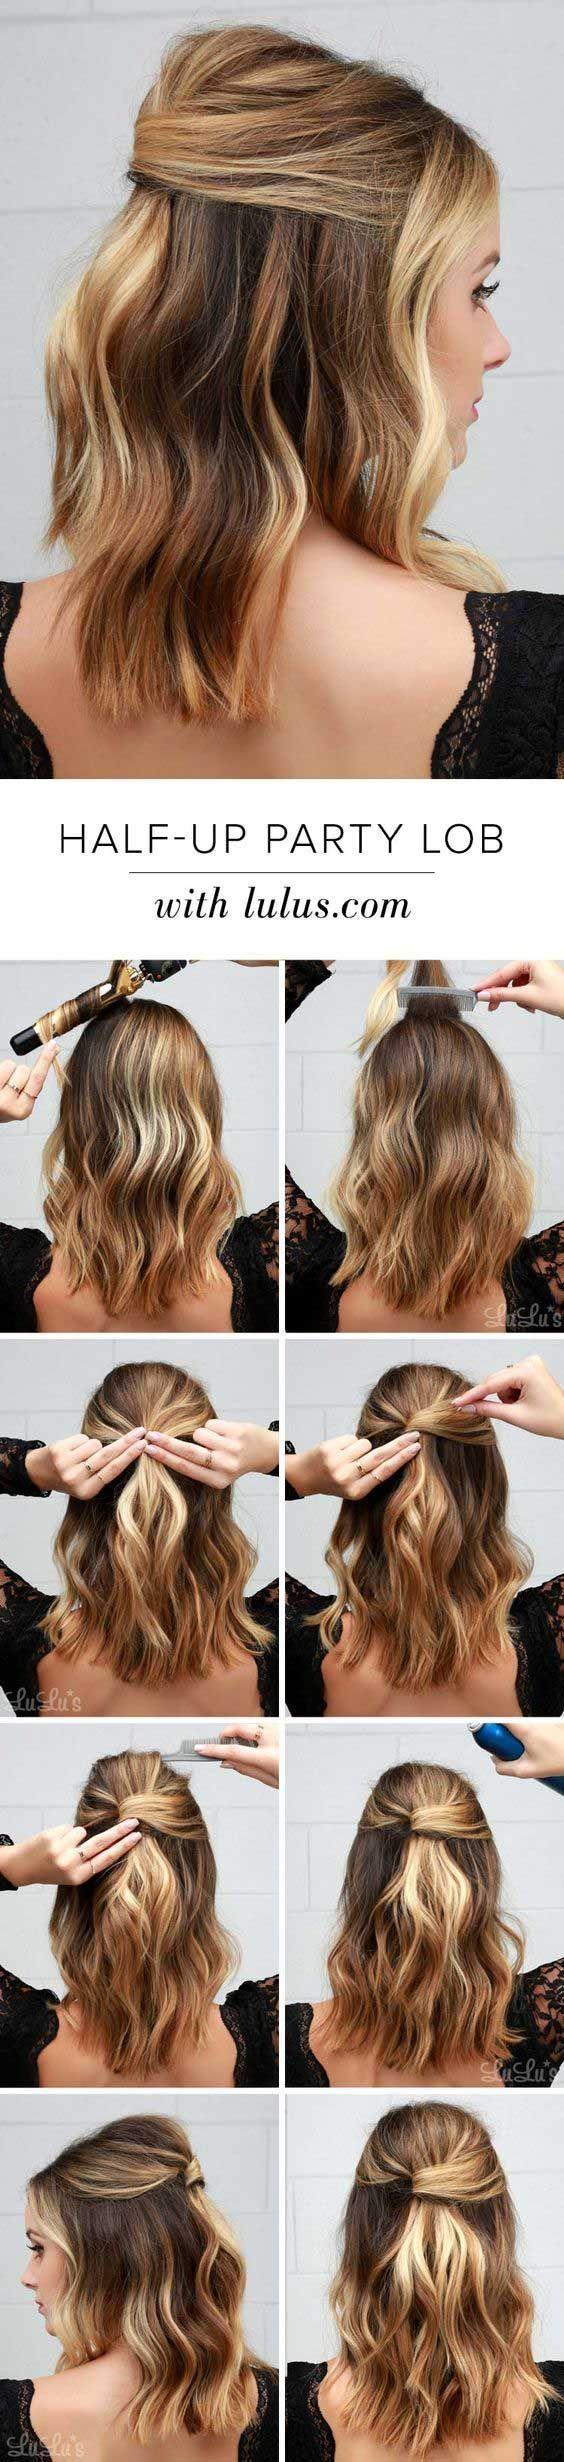 Peinados que tienes que hacerte si tienes un corte bob peinados